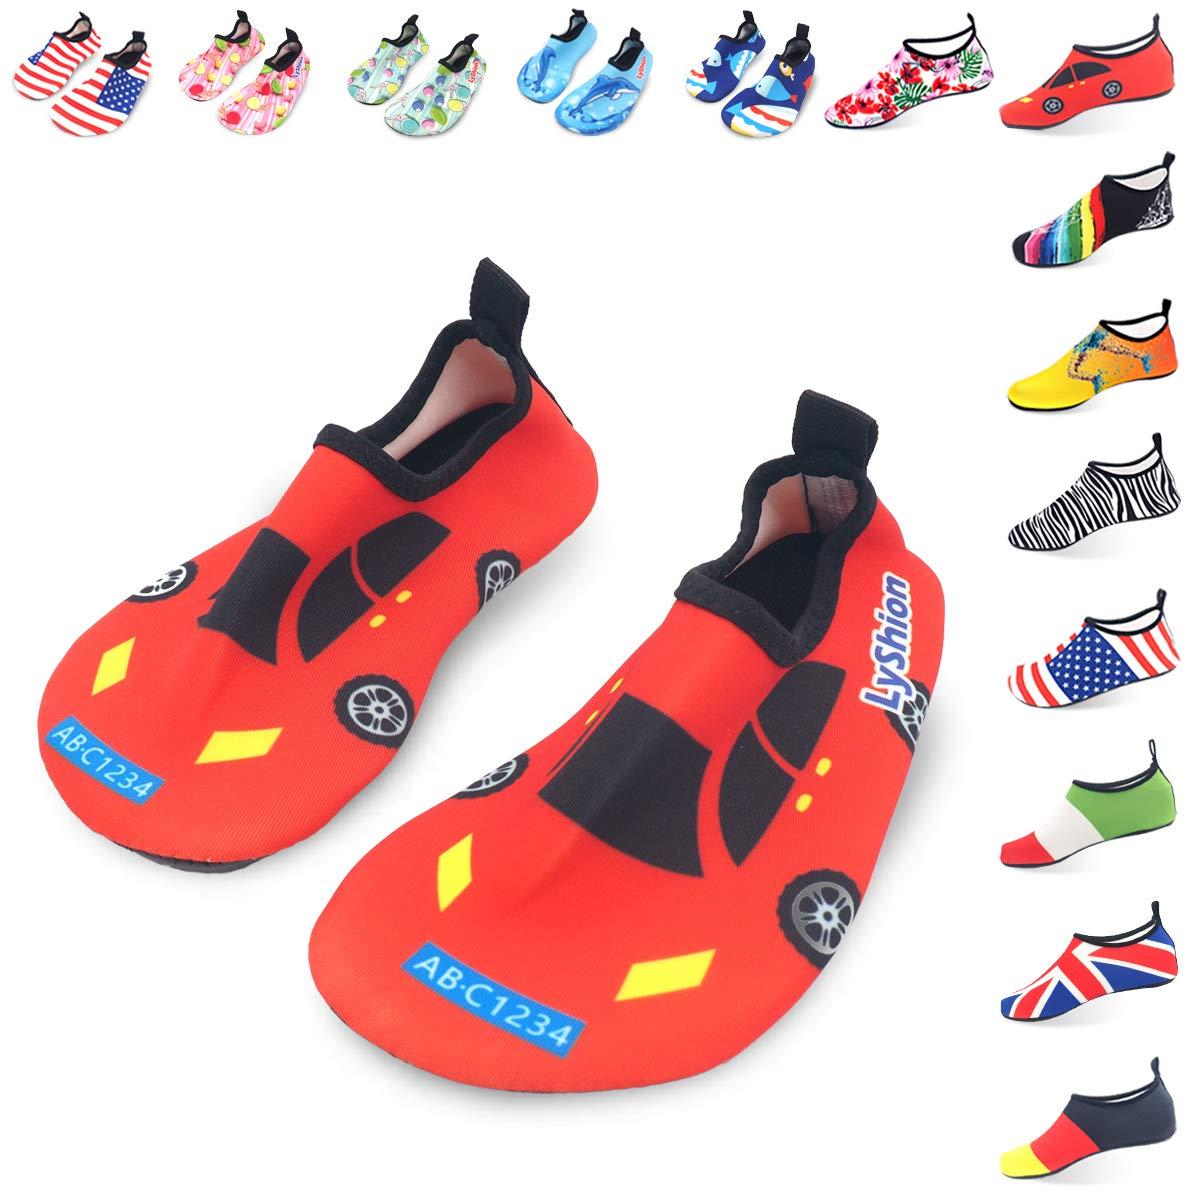 LYSHION Badeschuhe Schlüpfen Schnelltrocknend Schwimmen Aquaschuhe Wasserschuhe Surfschuhe Schwimmschuhe